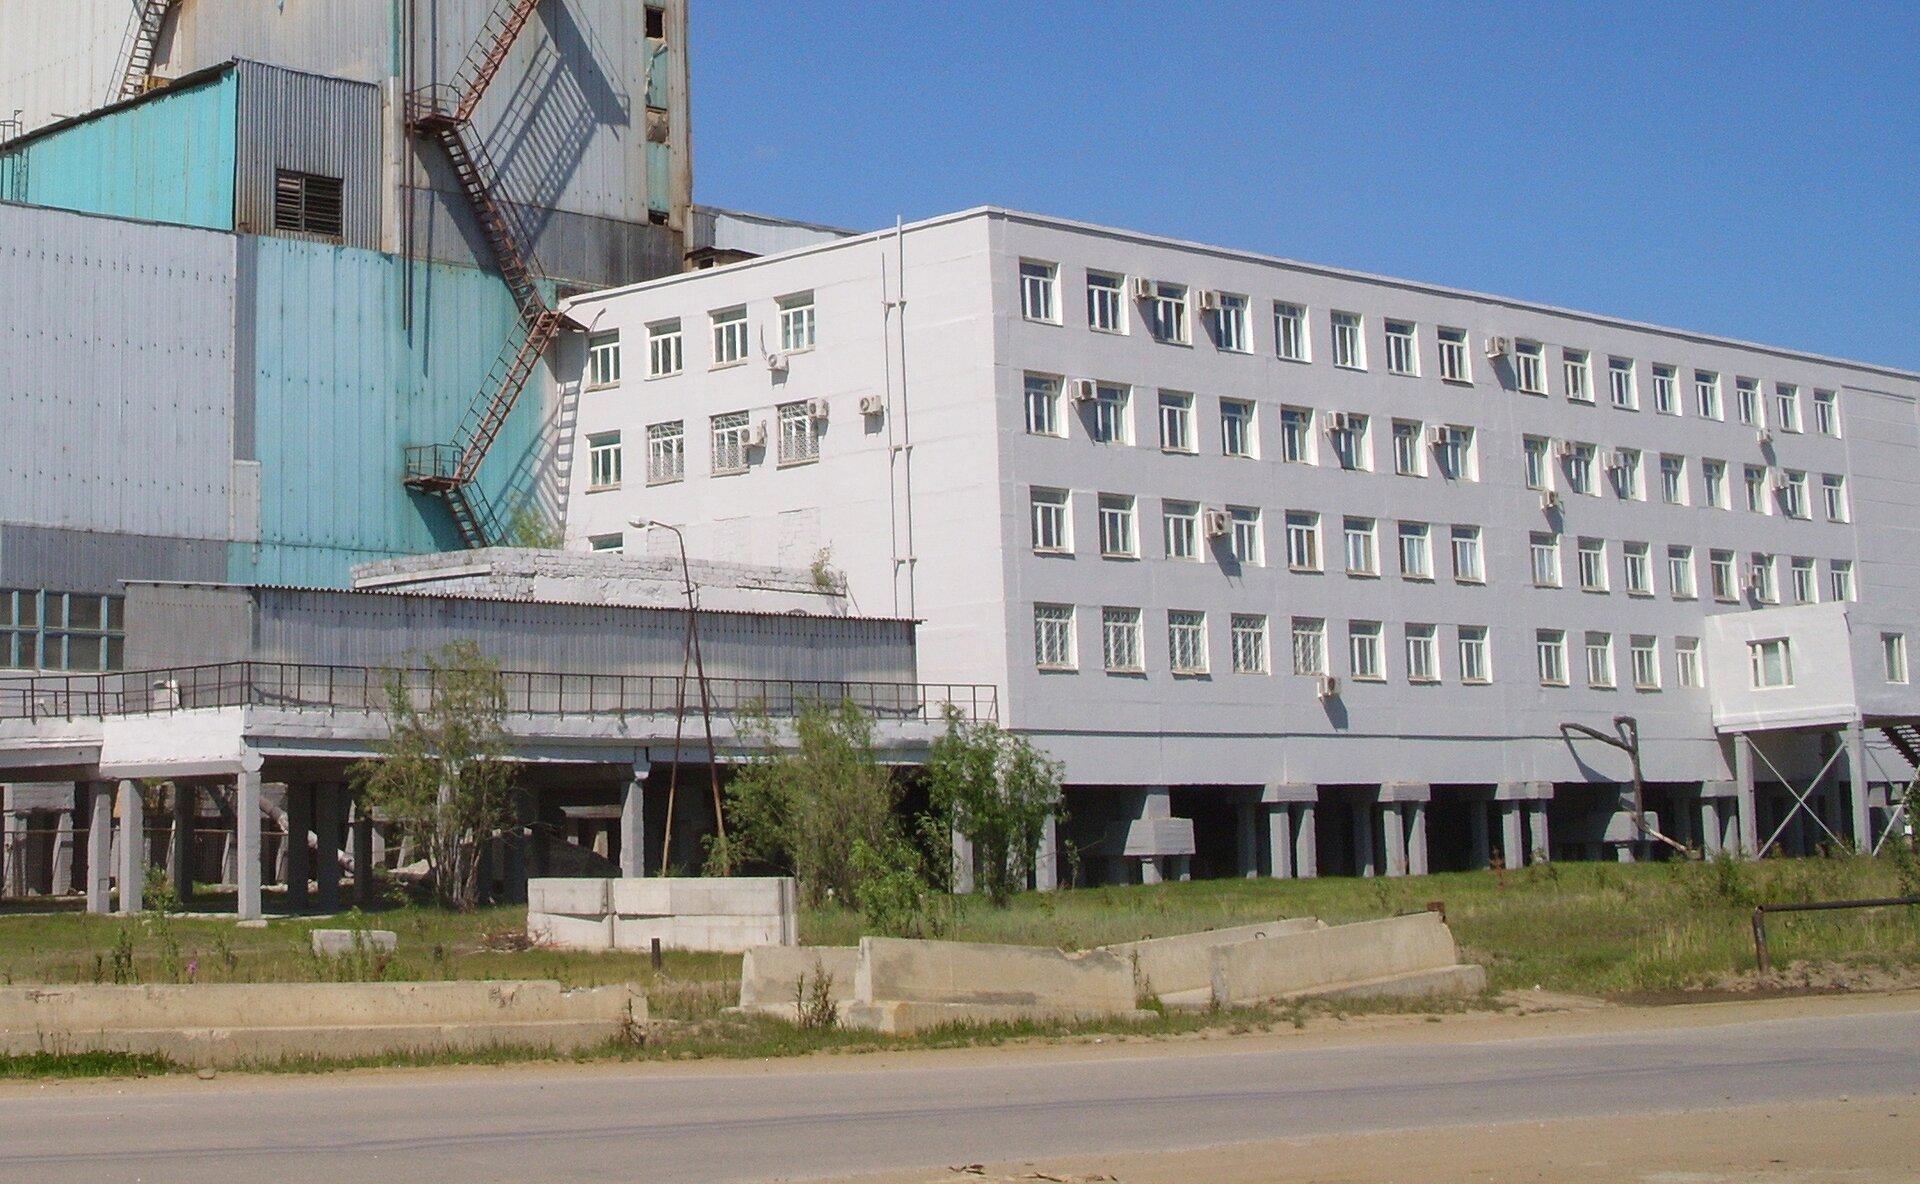 Fotografia prezentuje trzypiętrowy, biały, betonowy budynek zwieloma oknami. Budynek wzniesiono na betonowych palach wbitych wziemię.